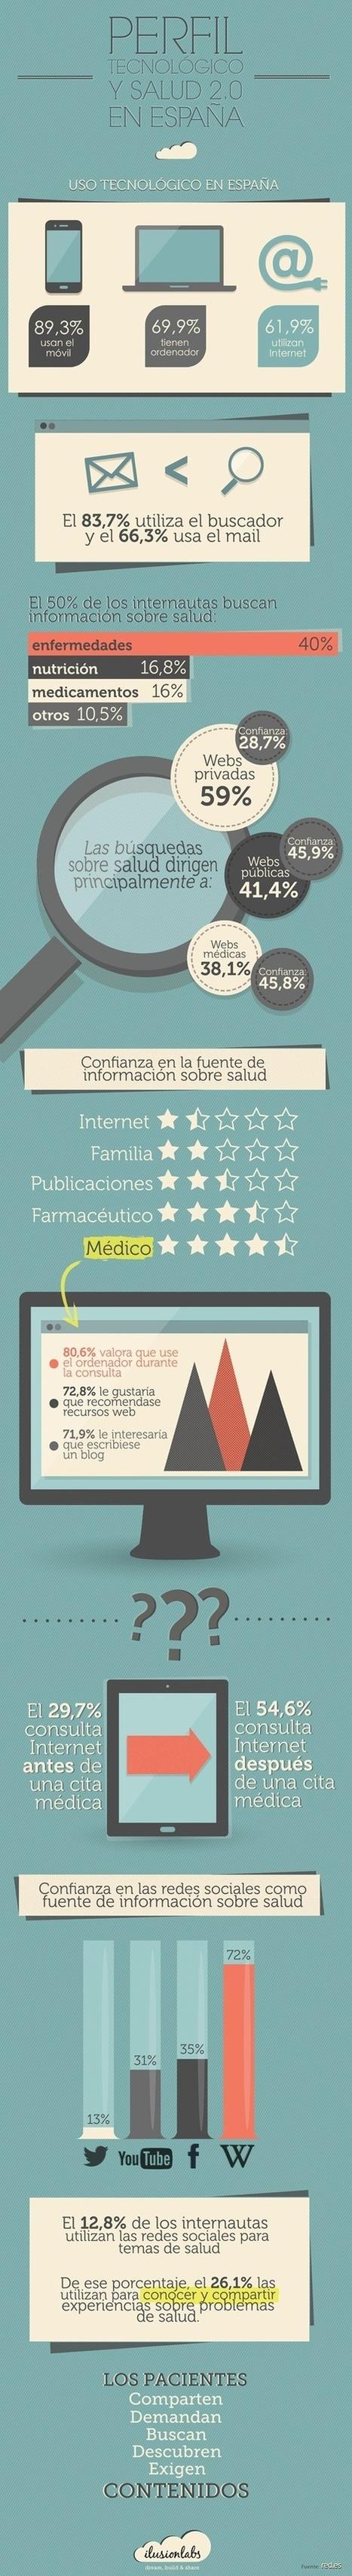 Infografía del consumo de Salud 2.0 en España | COMunicación en Salud | Scoop.it